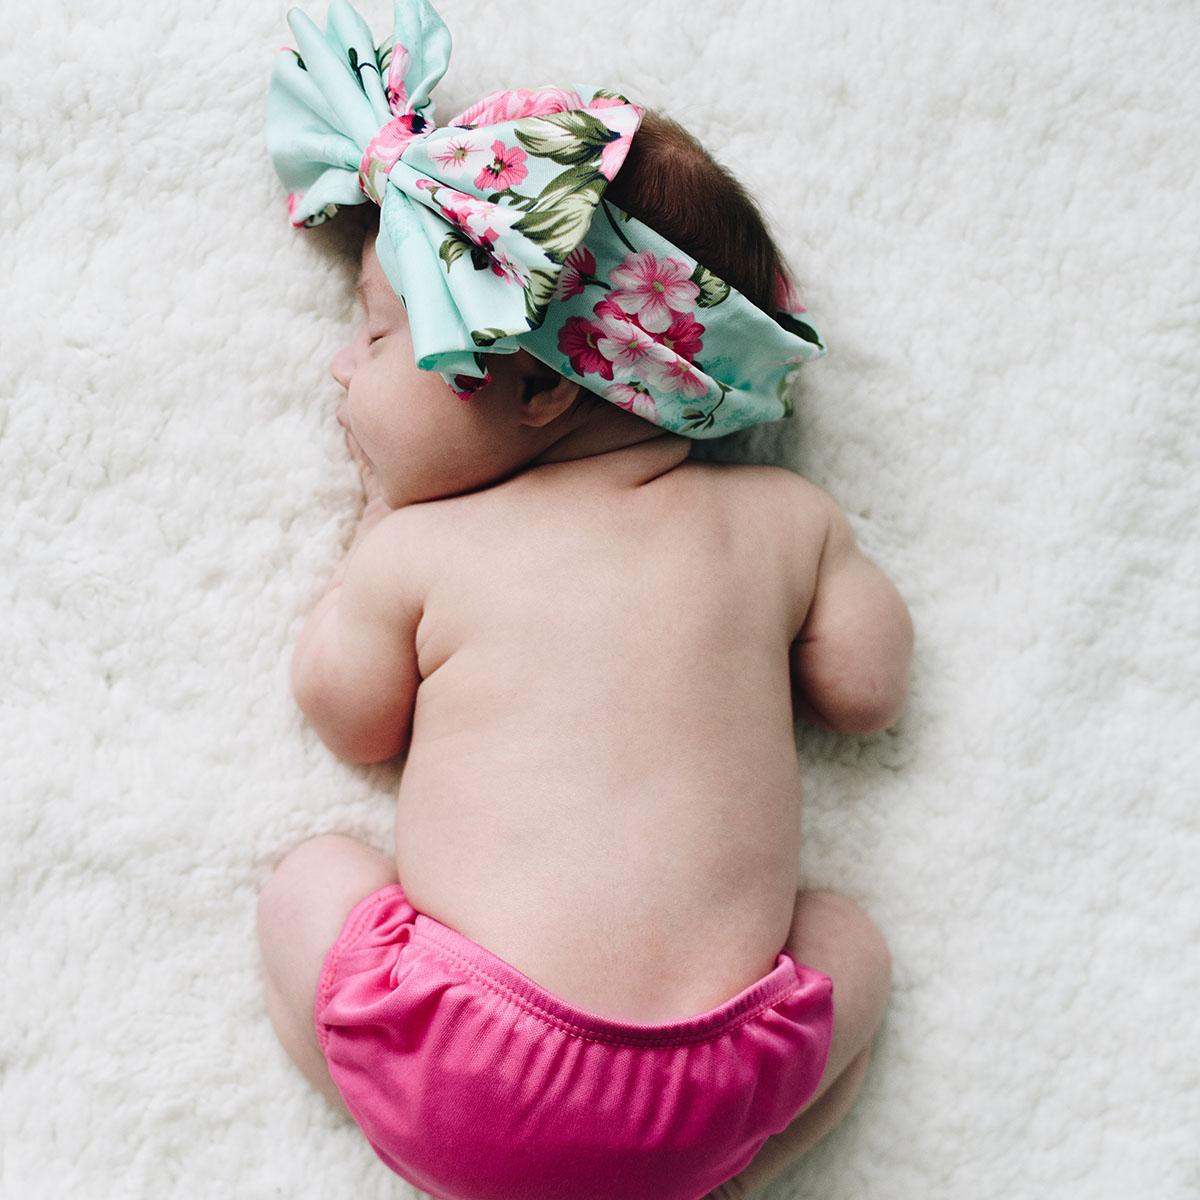 Режим дня дитини — як поєднати зі звичним ритмом життя сім'ї?